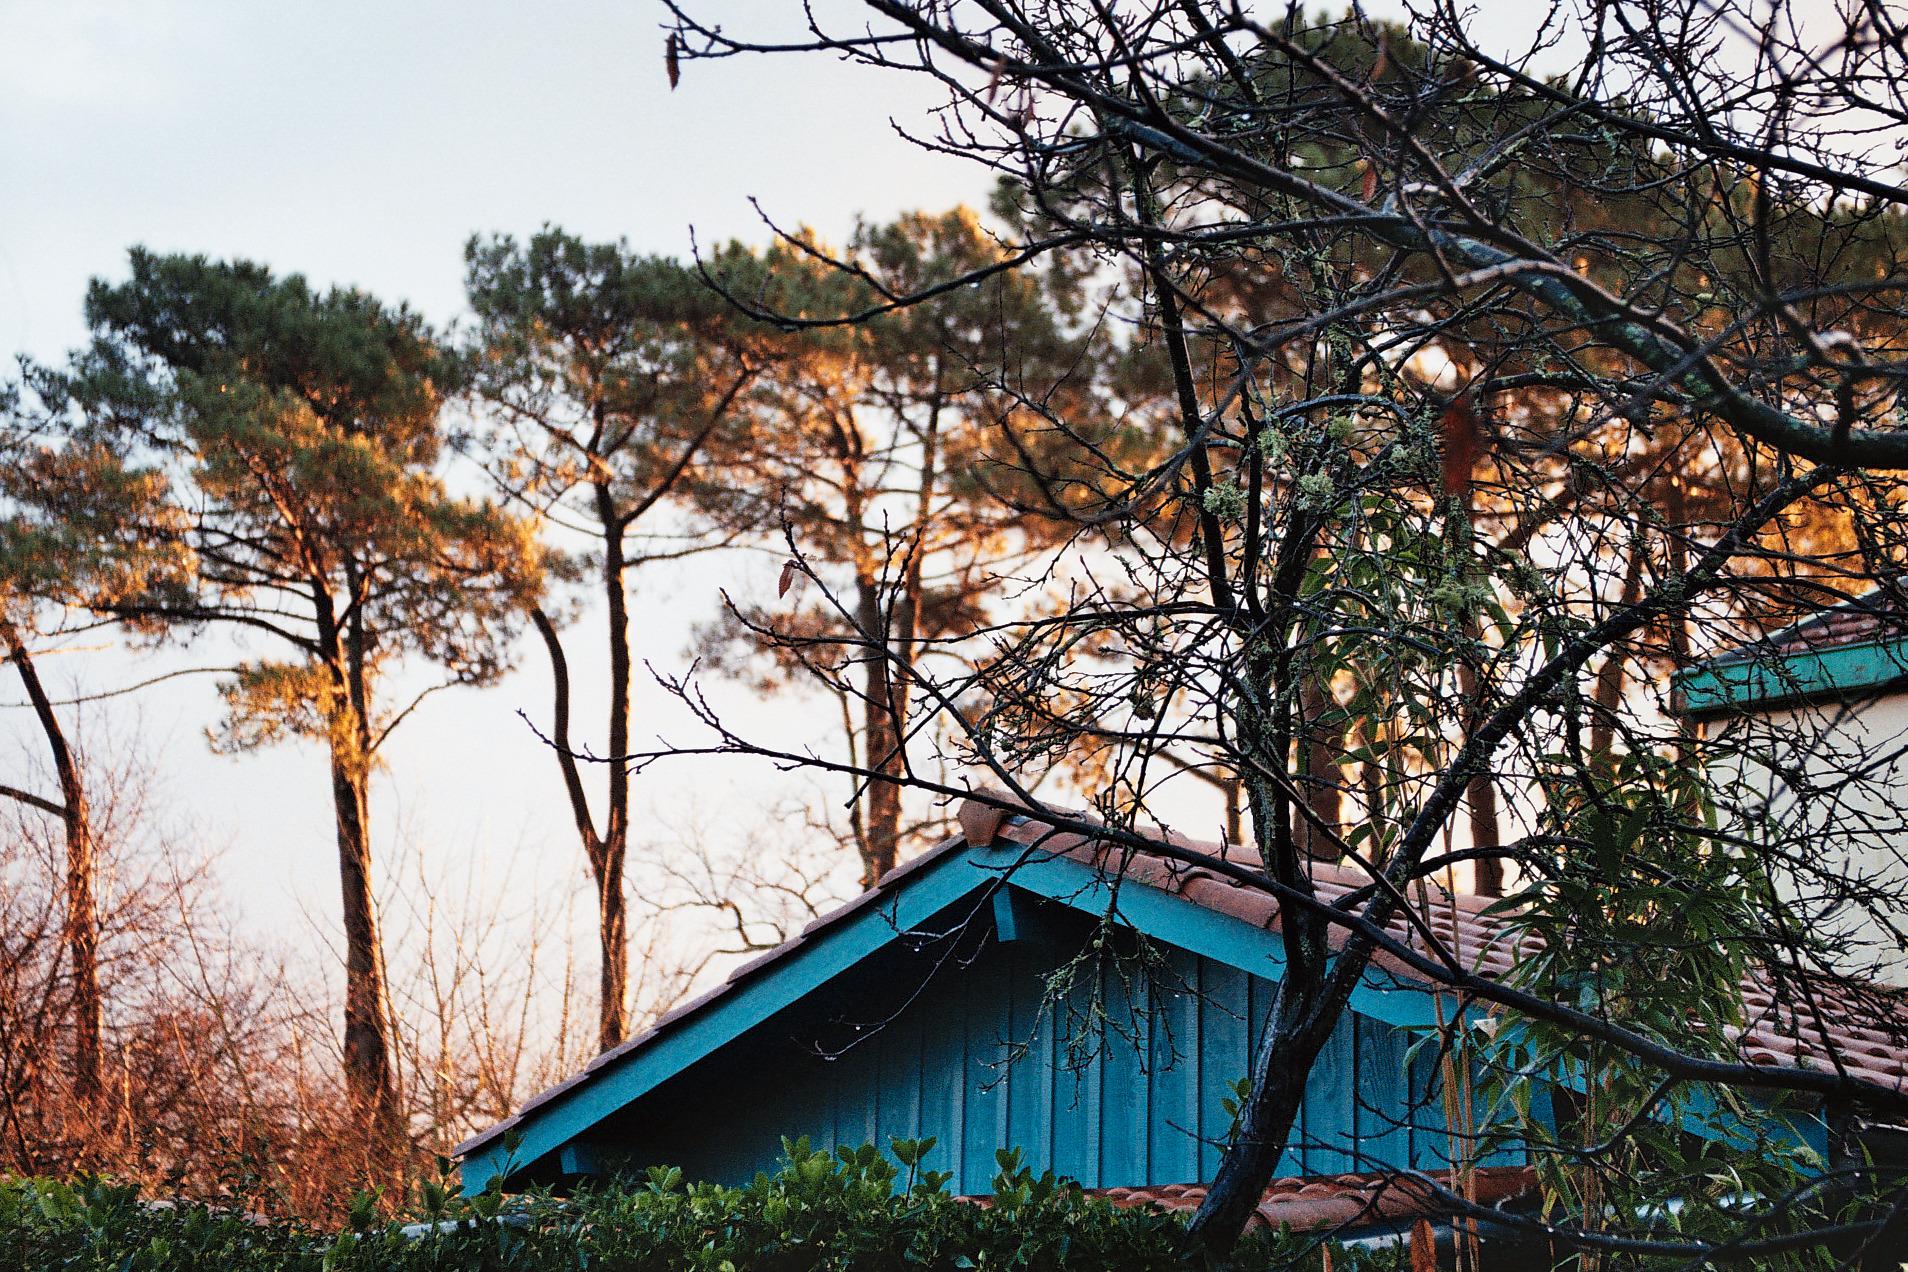 pins du Bétey avenue du puit artésien vu d'un jardin